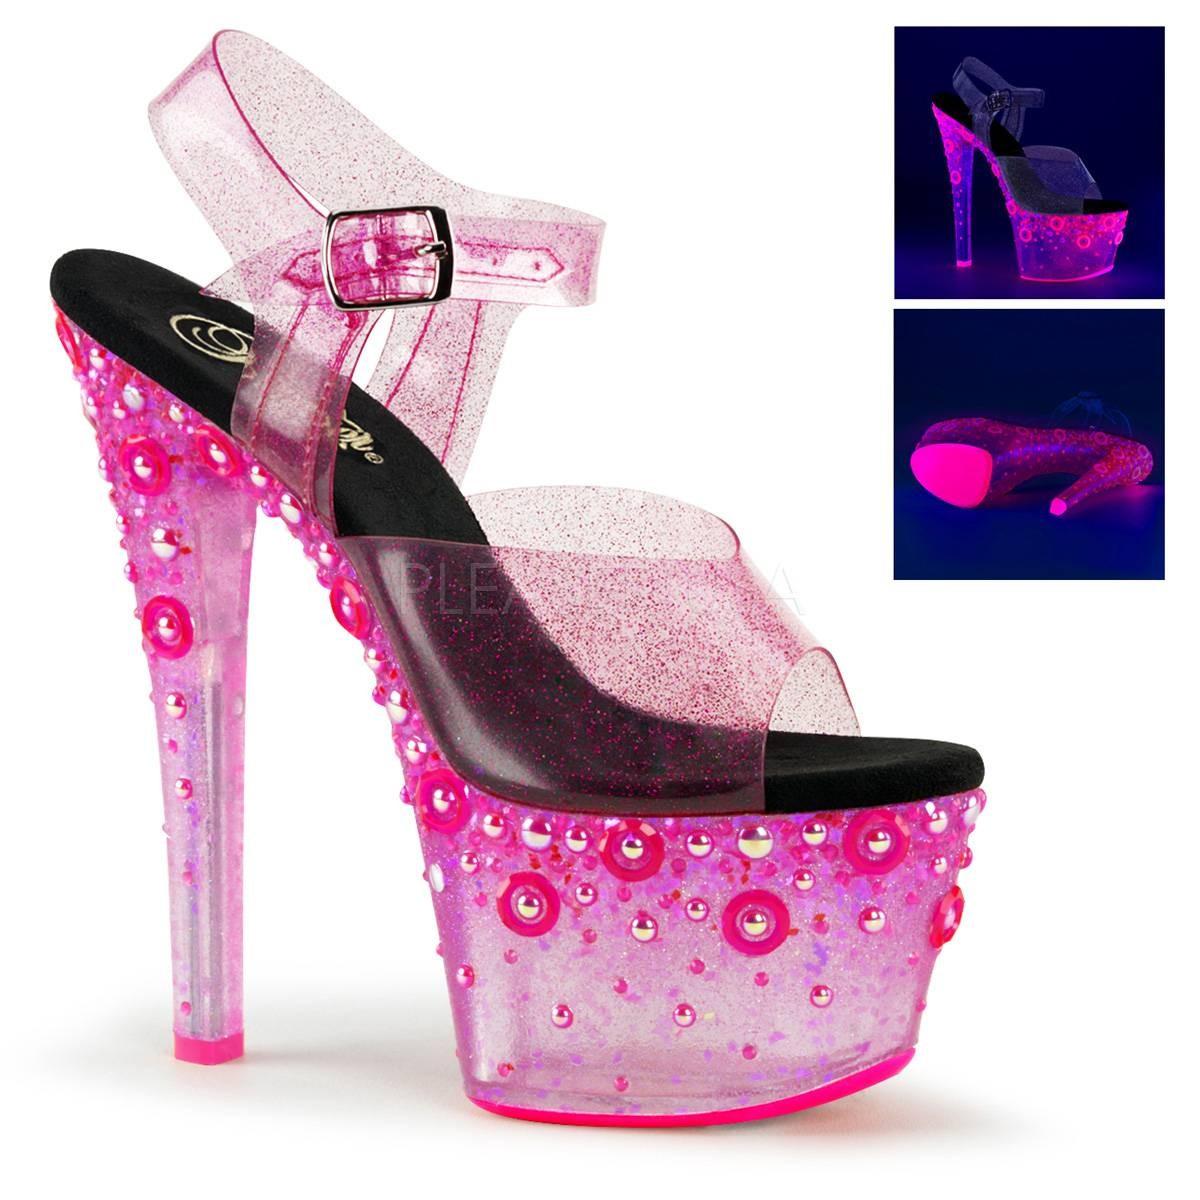 Highheels - SKY 308UVMG ° Damen Sandalette ° Pink Matt ° Pleaser  - Onlineshop RedSixty